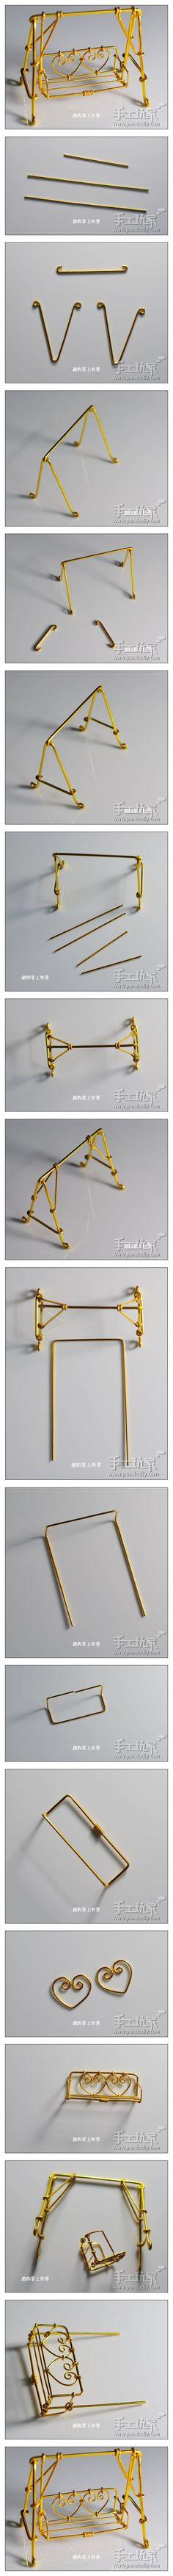 DIY Wire Hammock